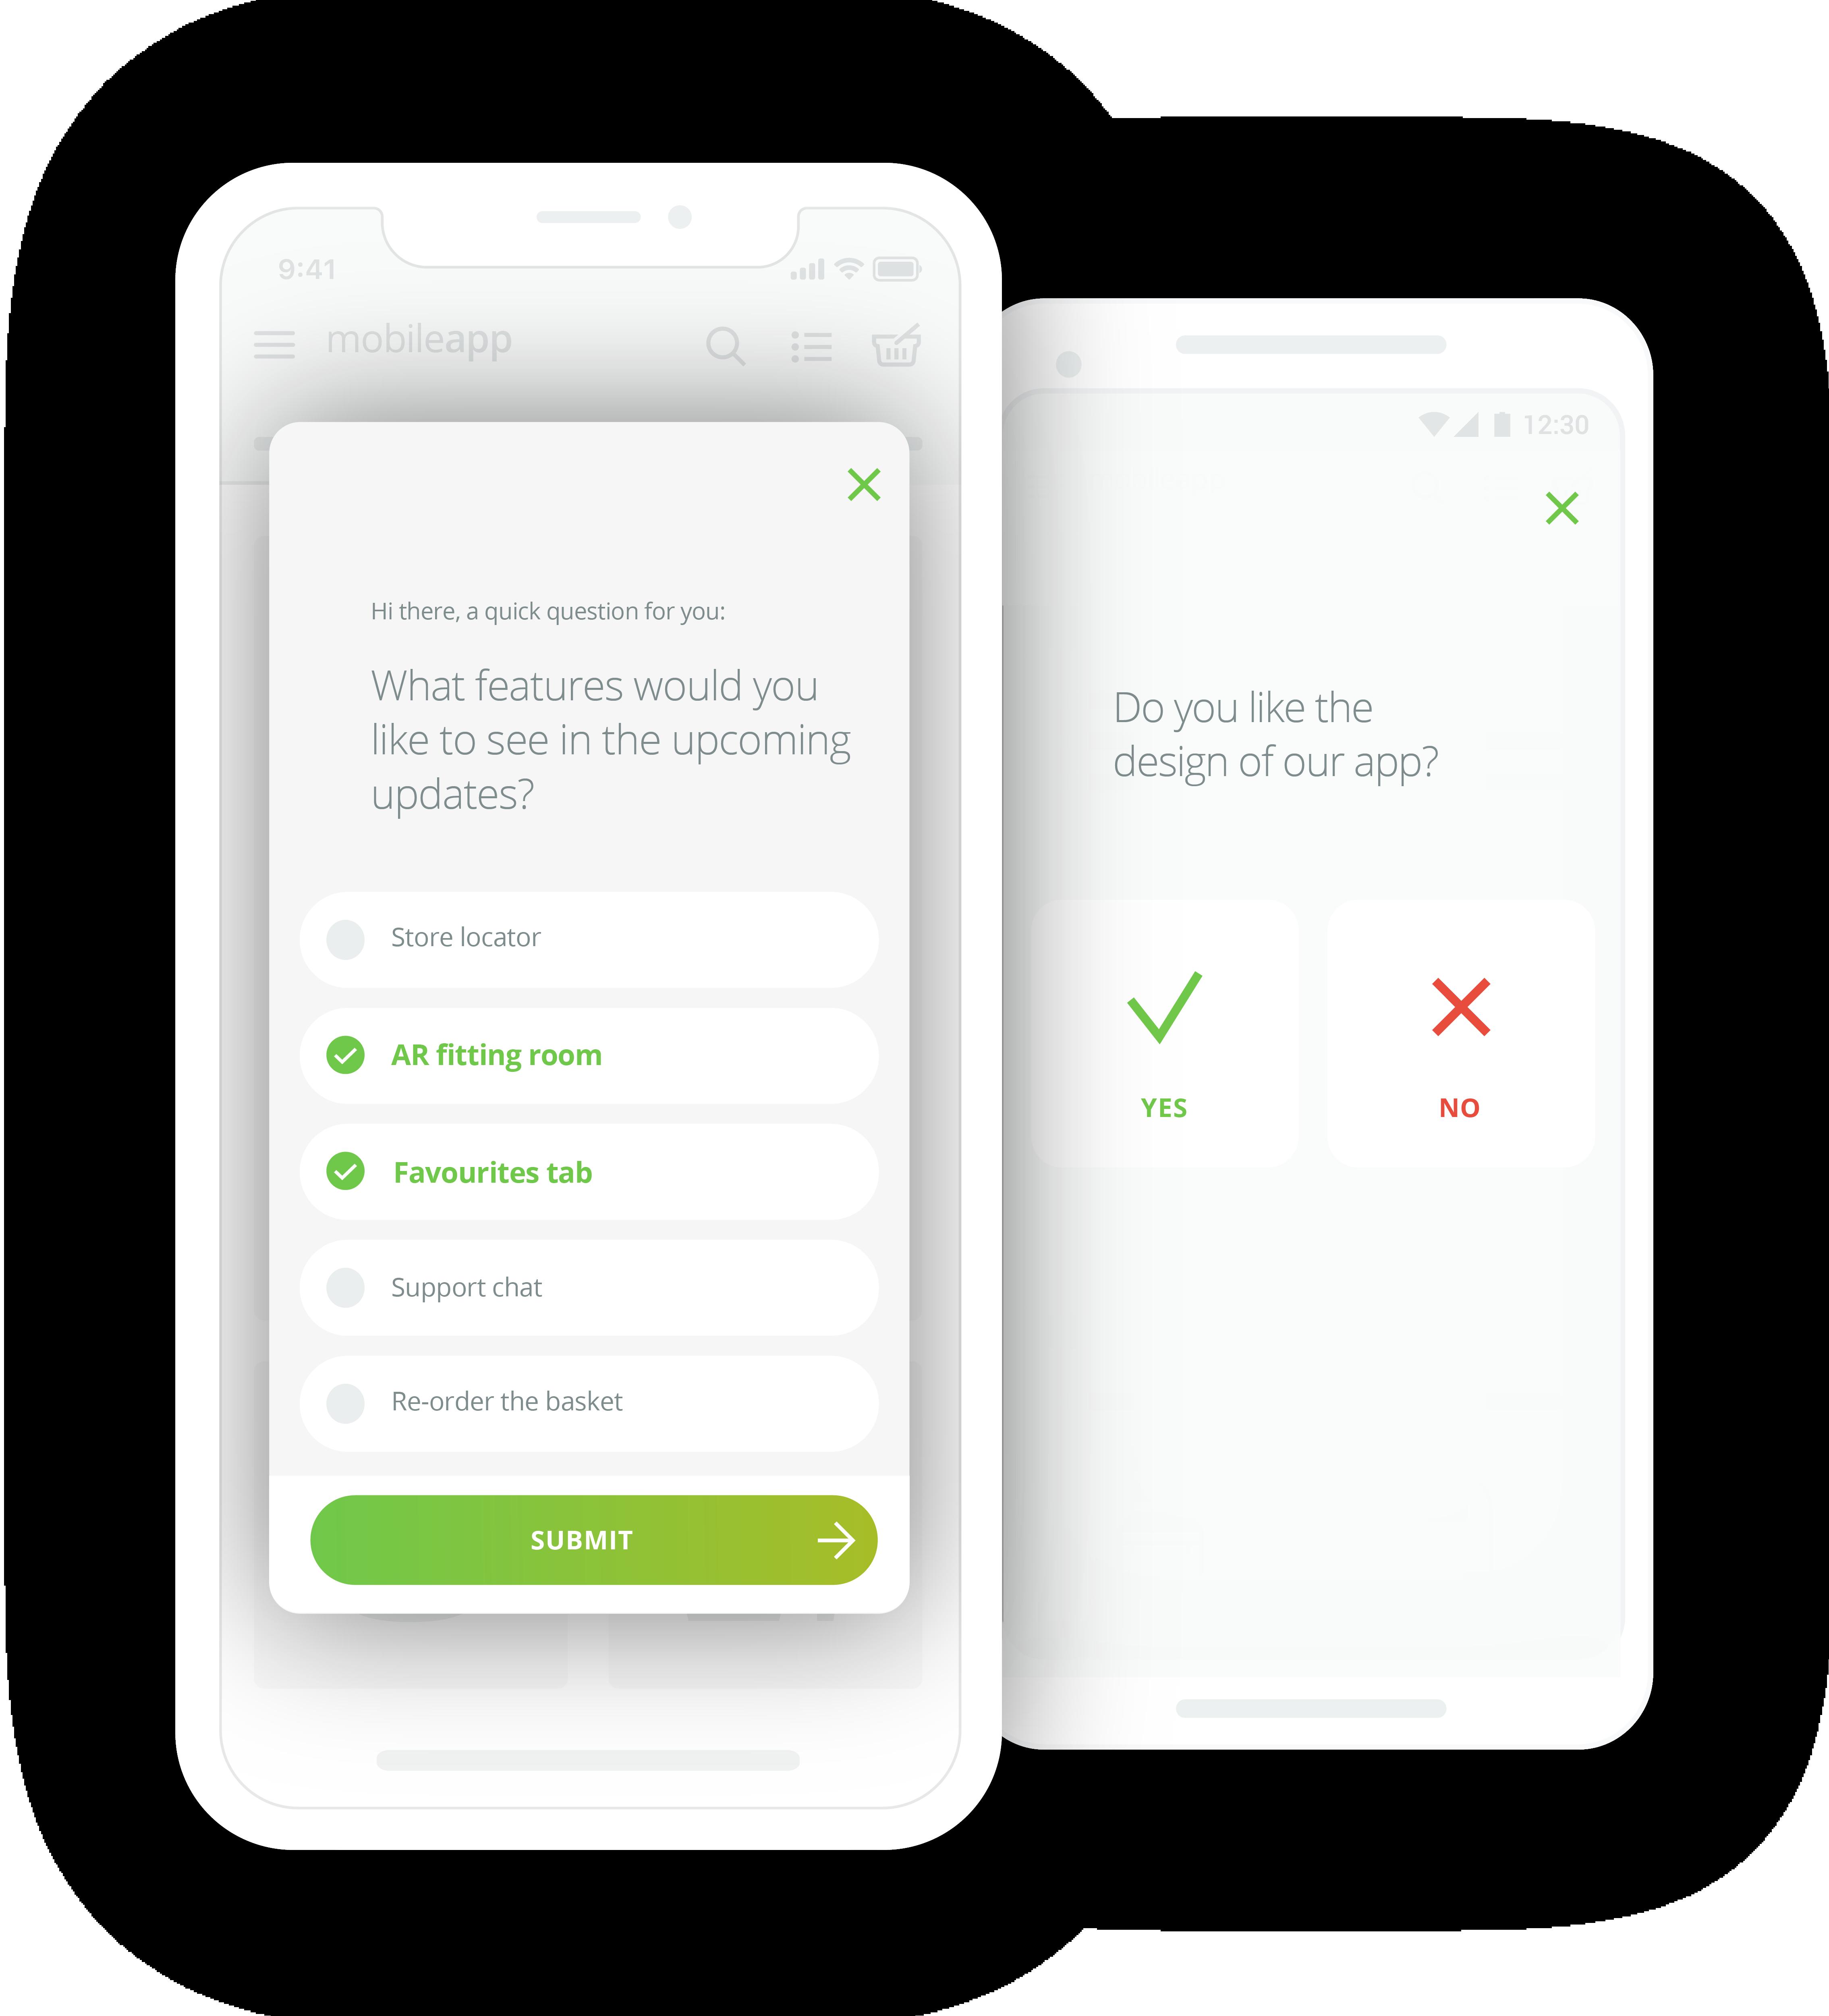 Survicate Demo - Survicate mobile app surveys